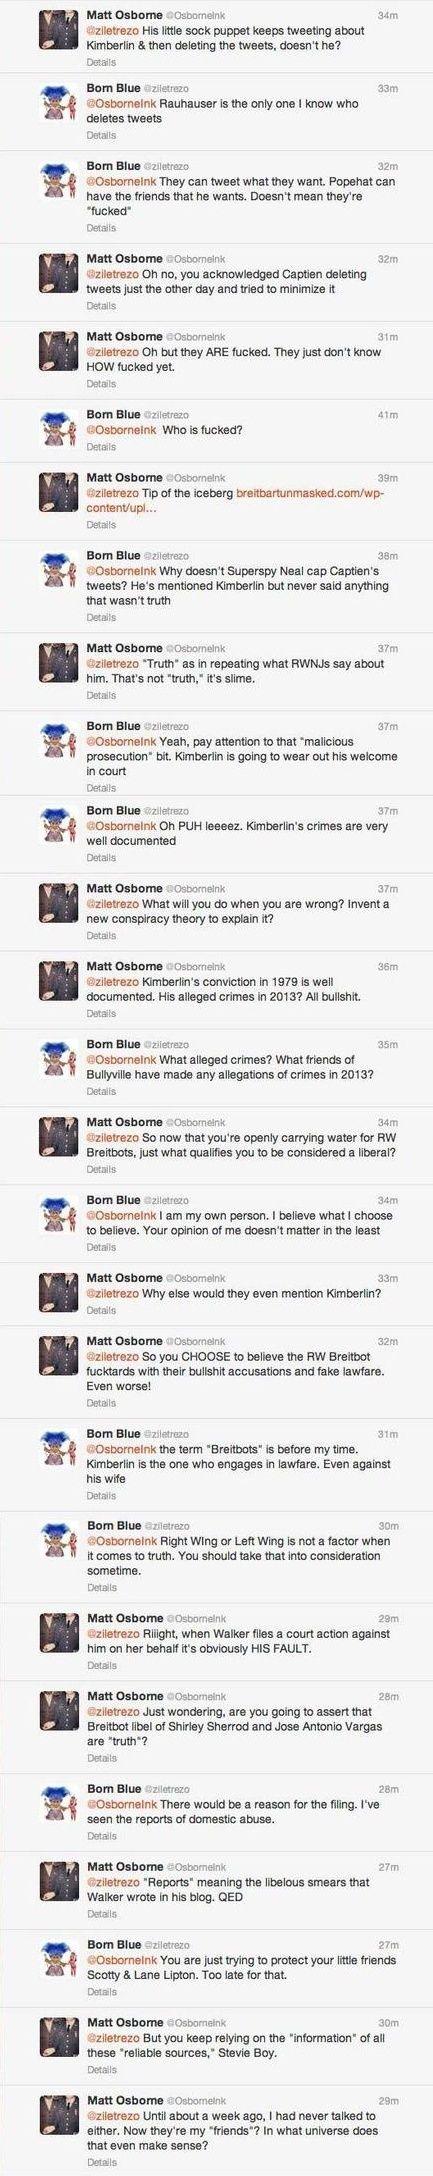 A Conversation with OsborneInk, Matt Osborne September 13th, 2013 Sf210